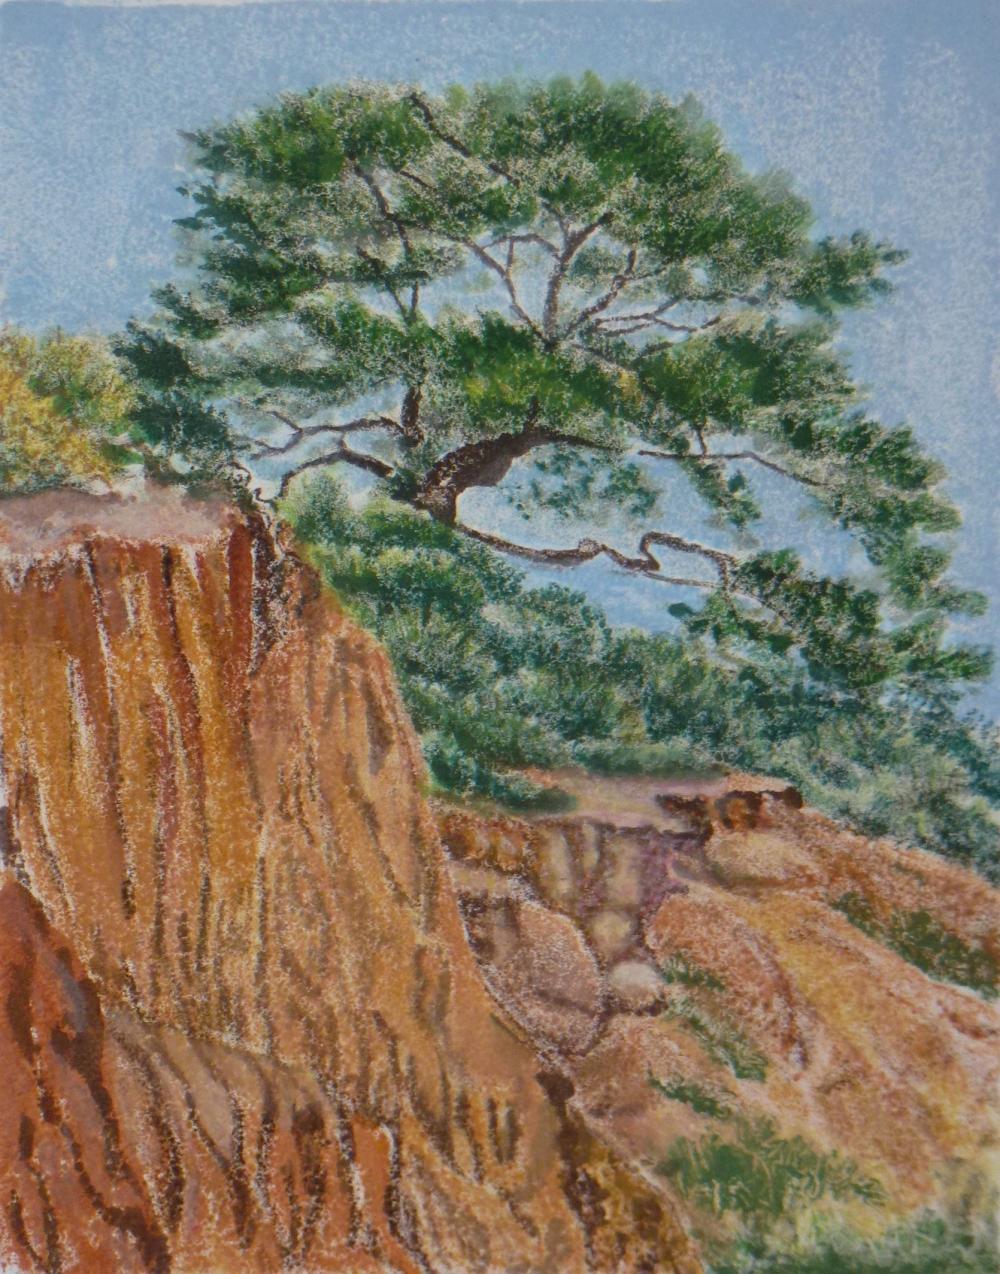 Torrey Pine #2